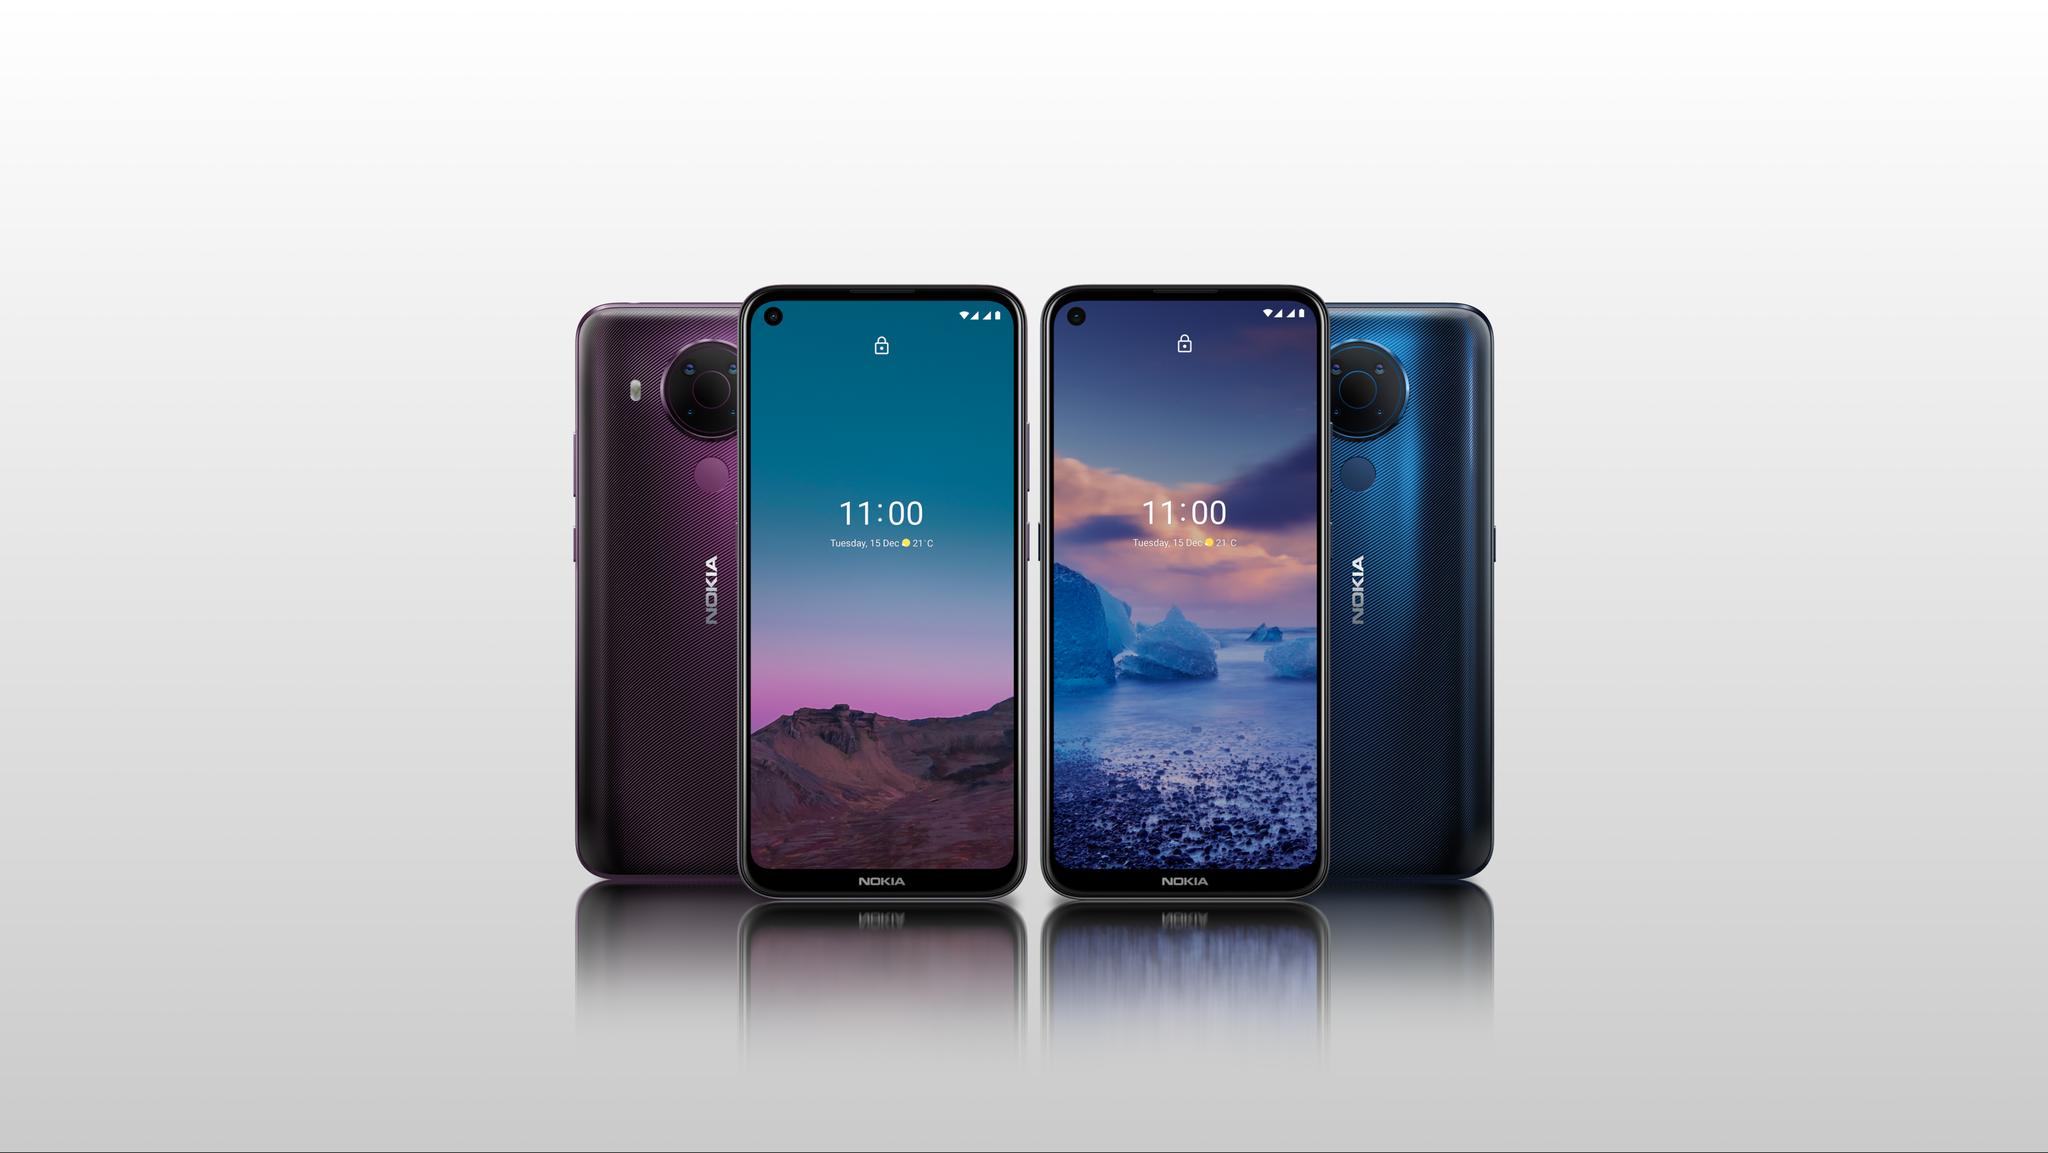 Nuevo Nokia 5.4 ideal para la creación de contenido en video